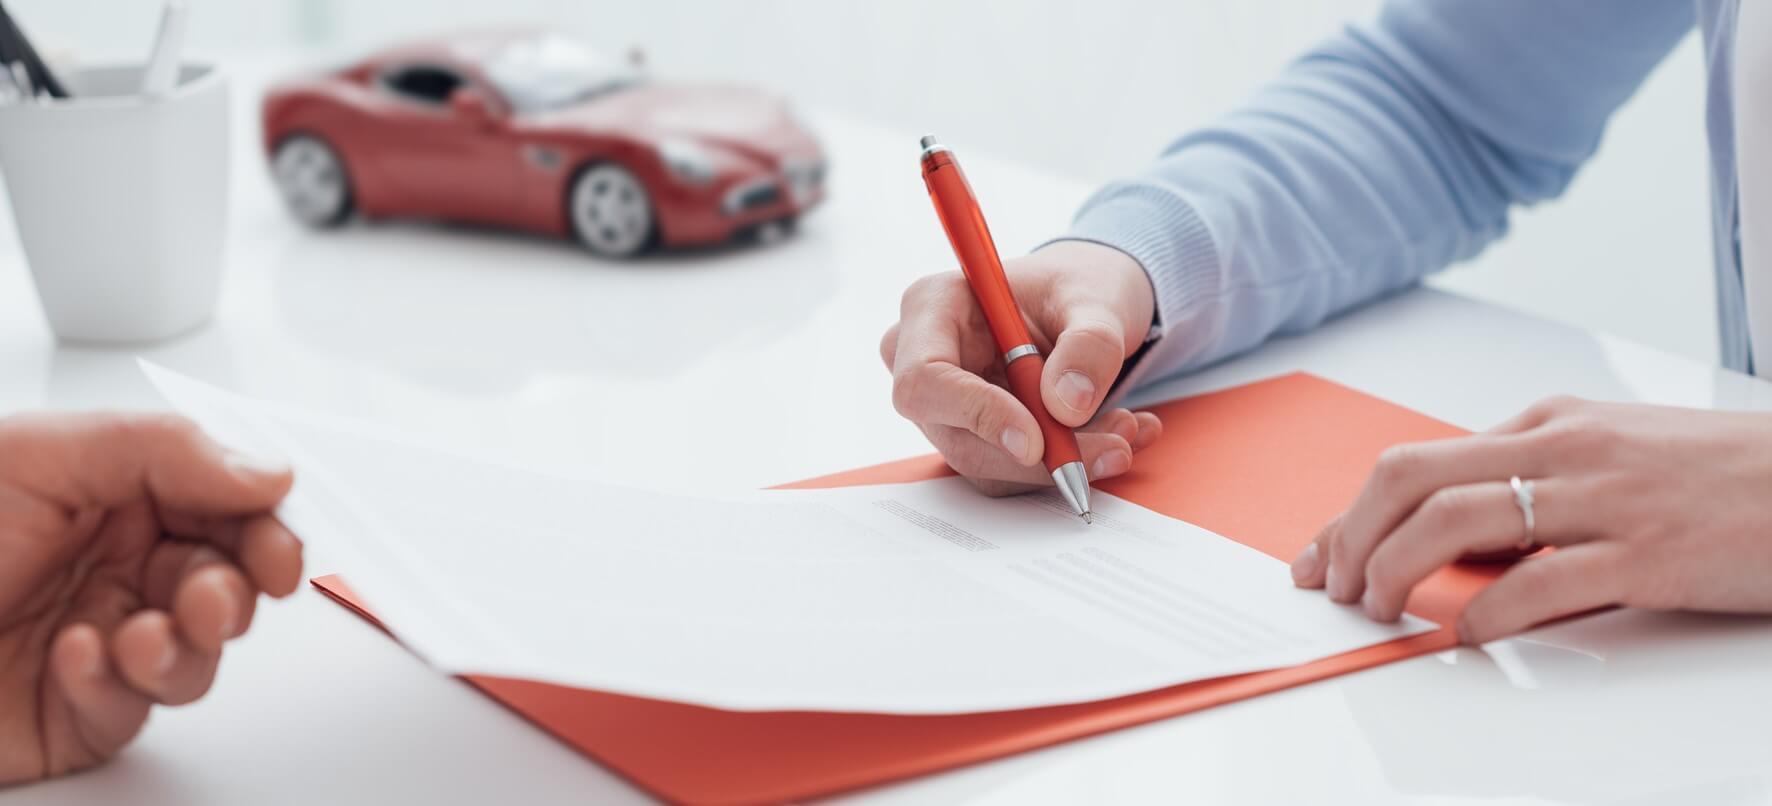 Photographie présentant la signature d'un contrat d'assurance.